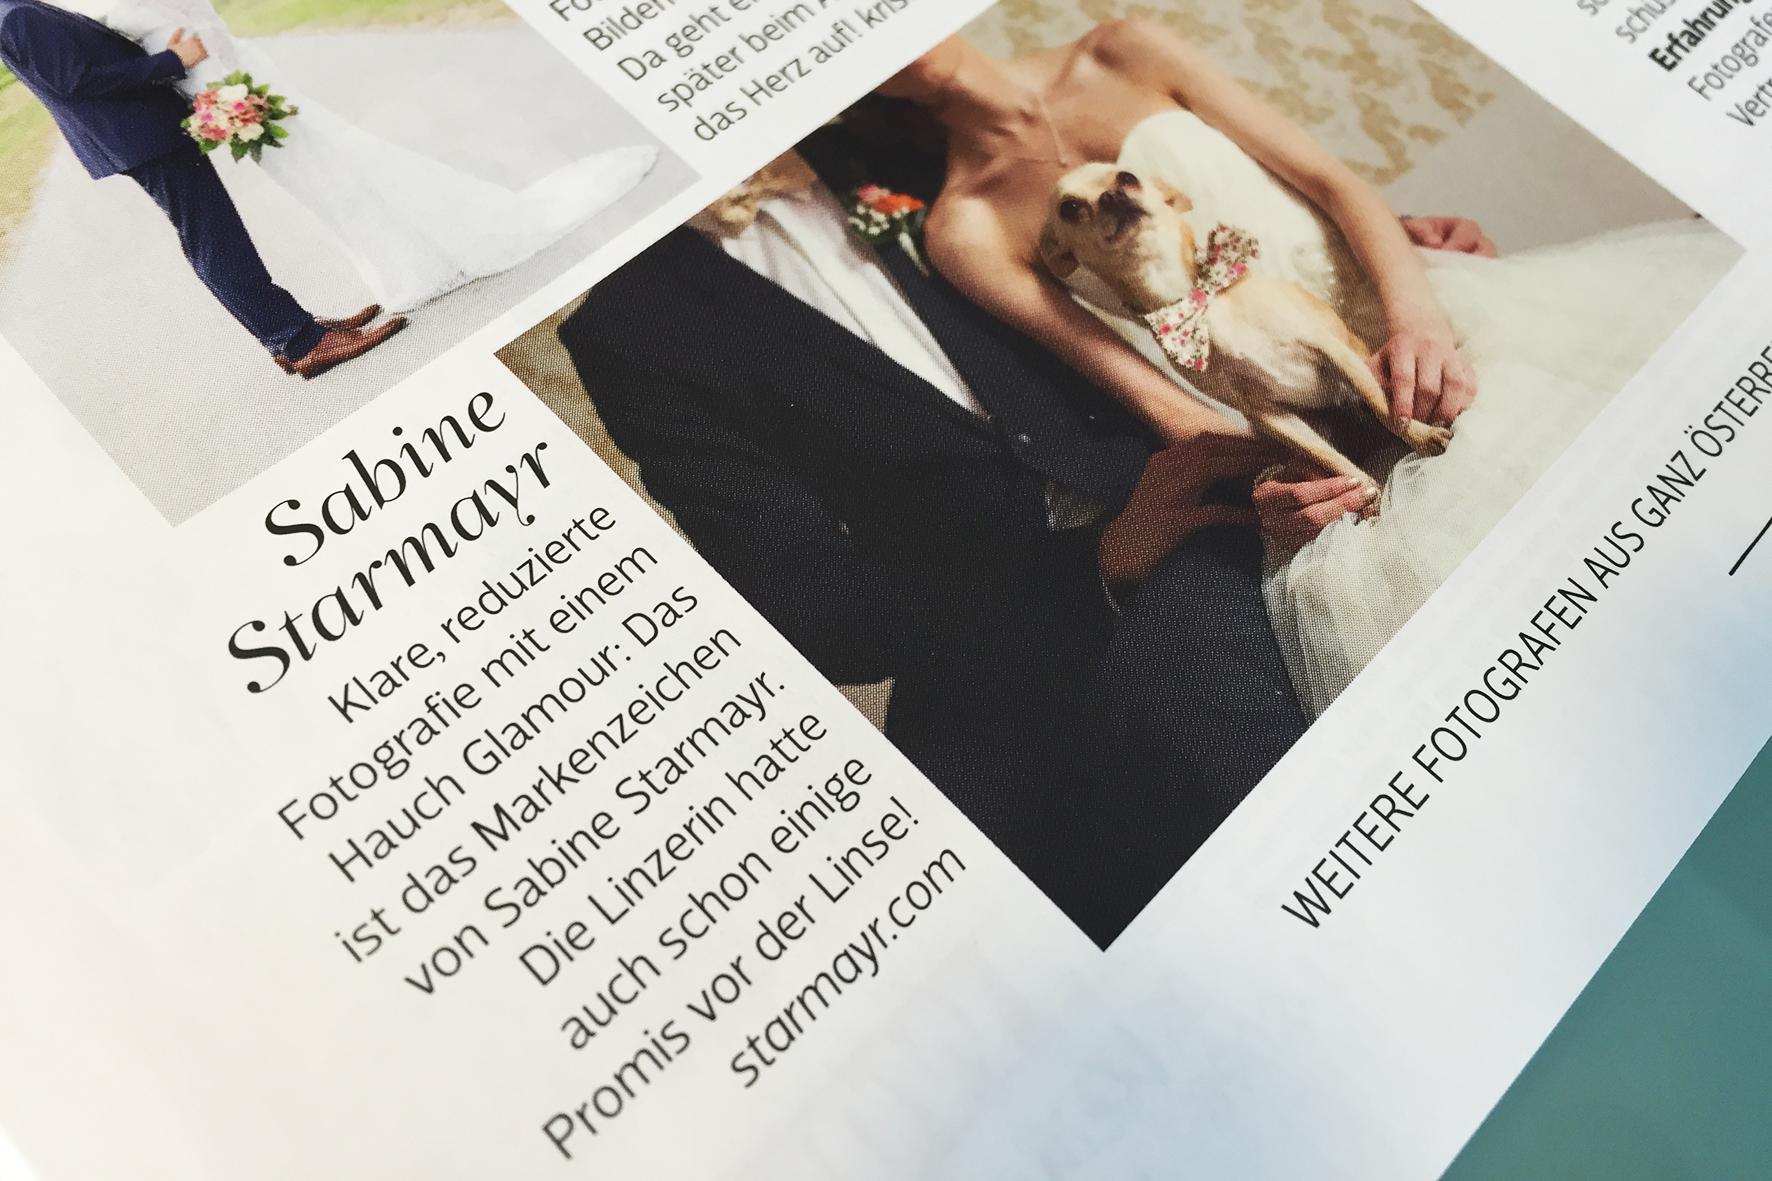 Sabine Starmayr, Beste Hochzeitsfotografin Österreichs